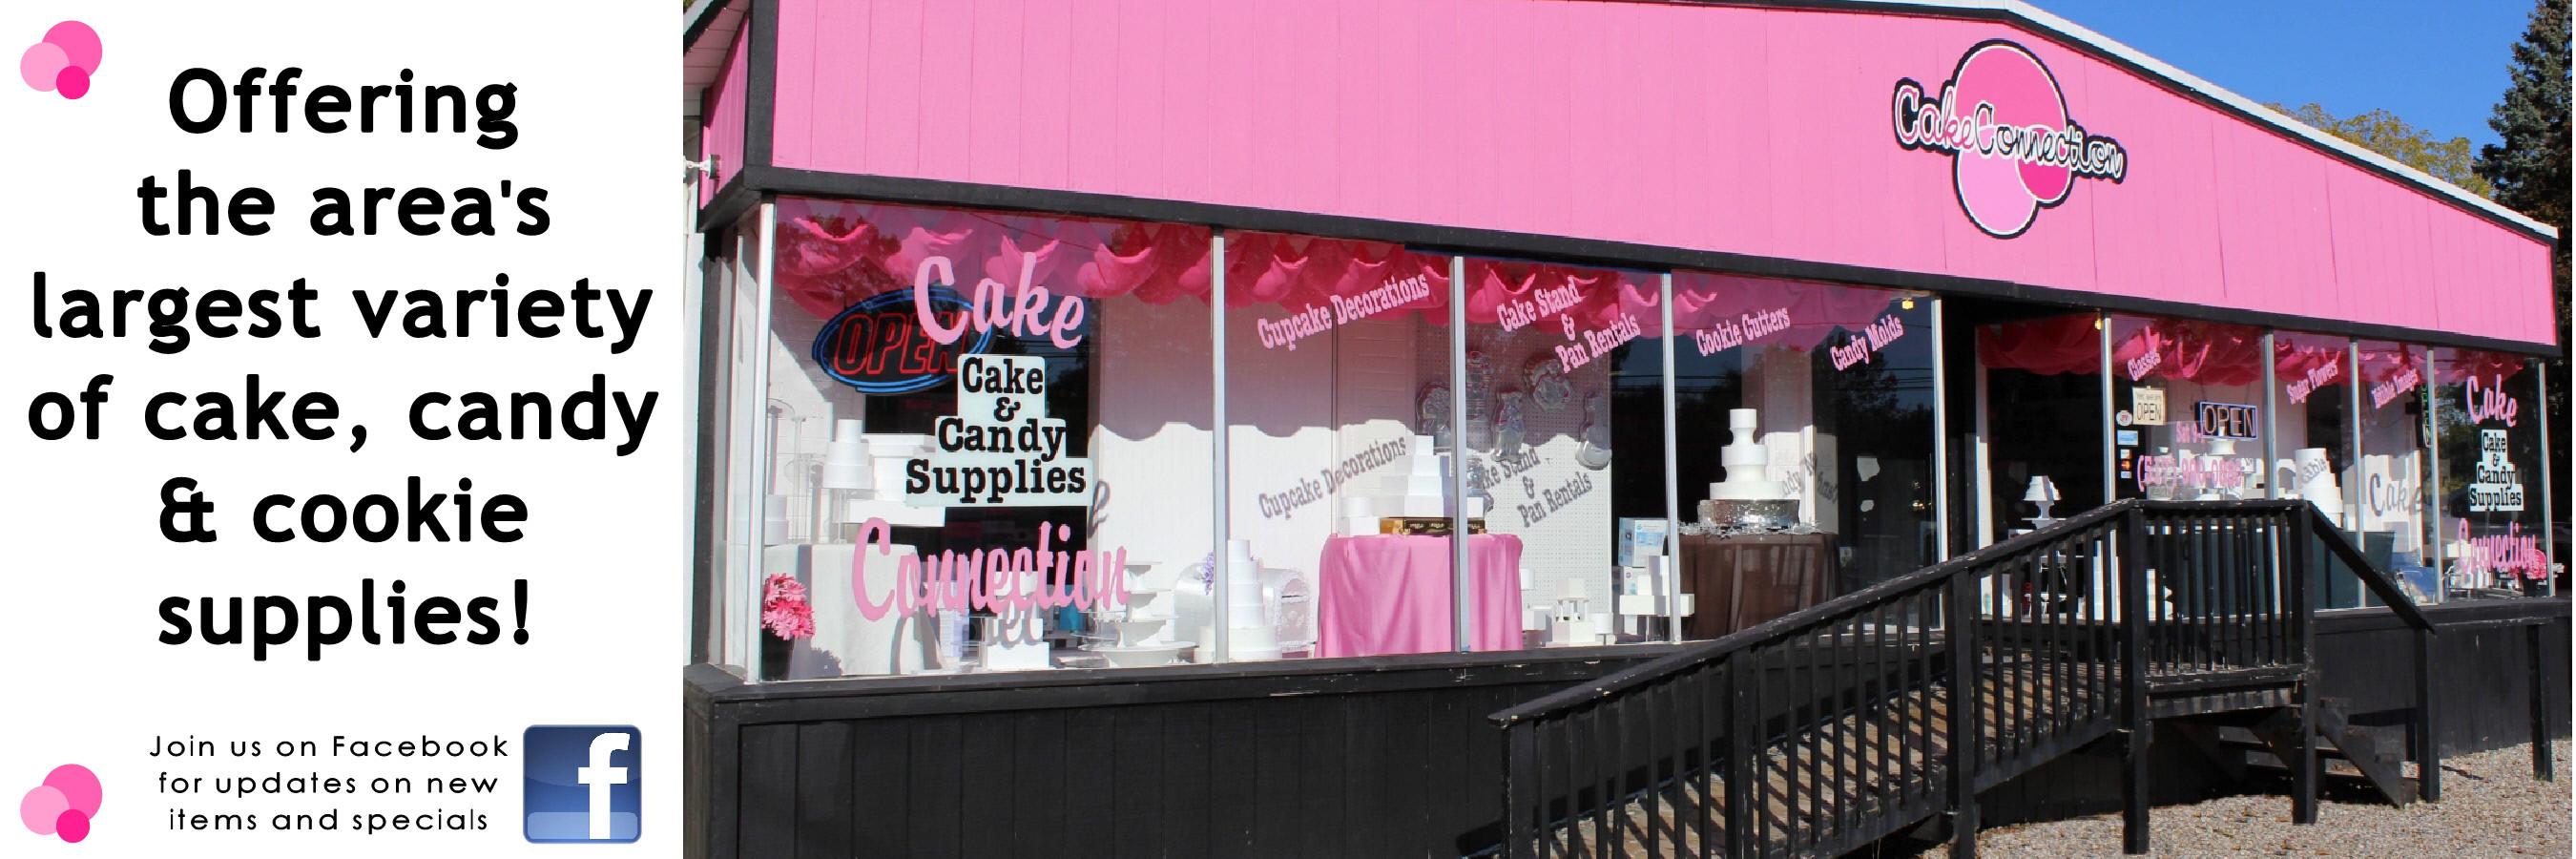 web banner storefront